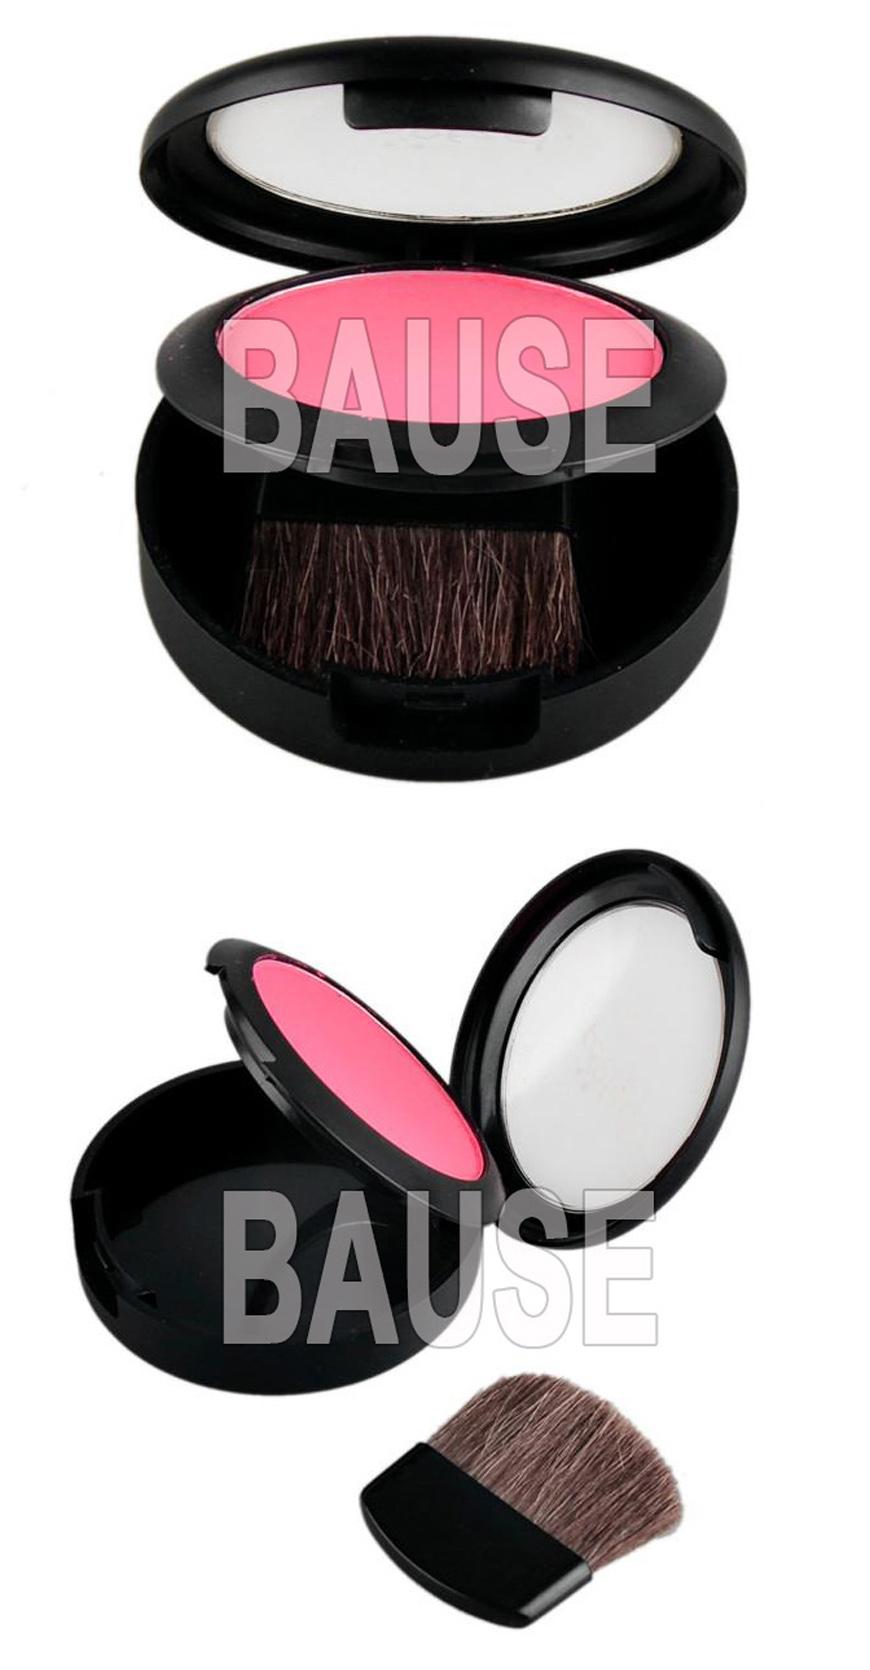 Bause Cosmetics sing blush